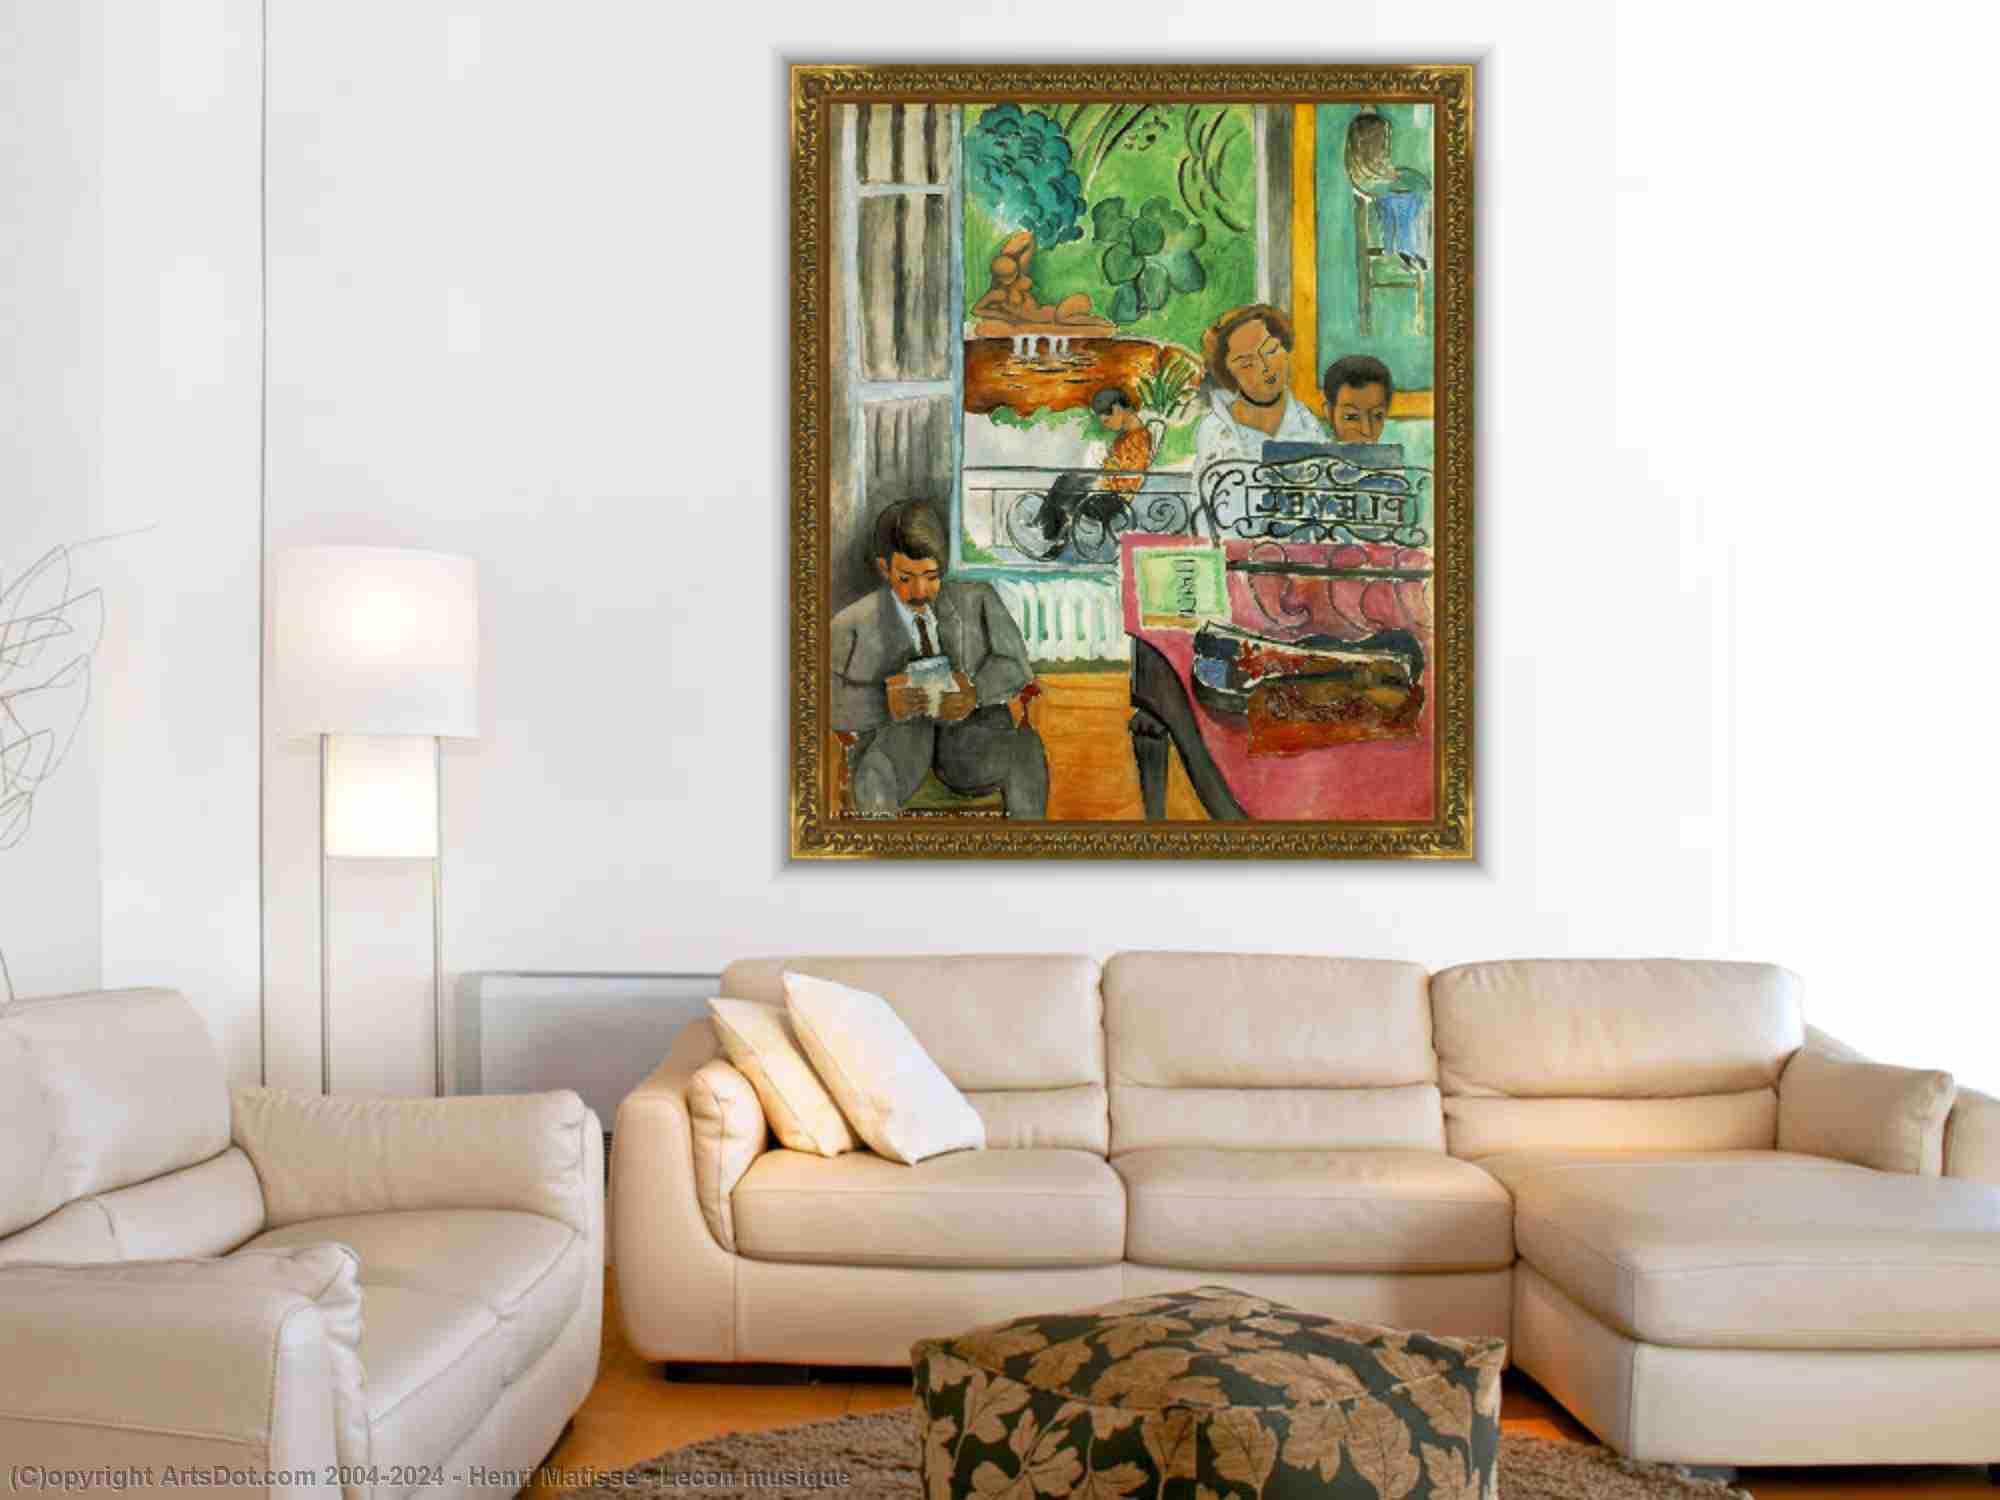 Henri Matisse - Lecon musique